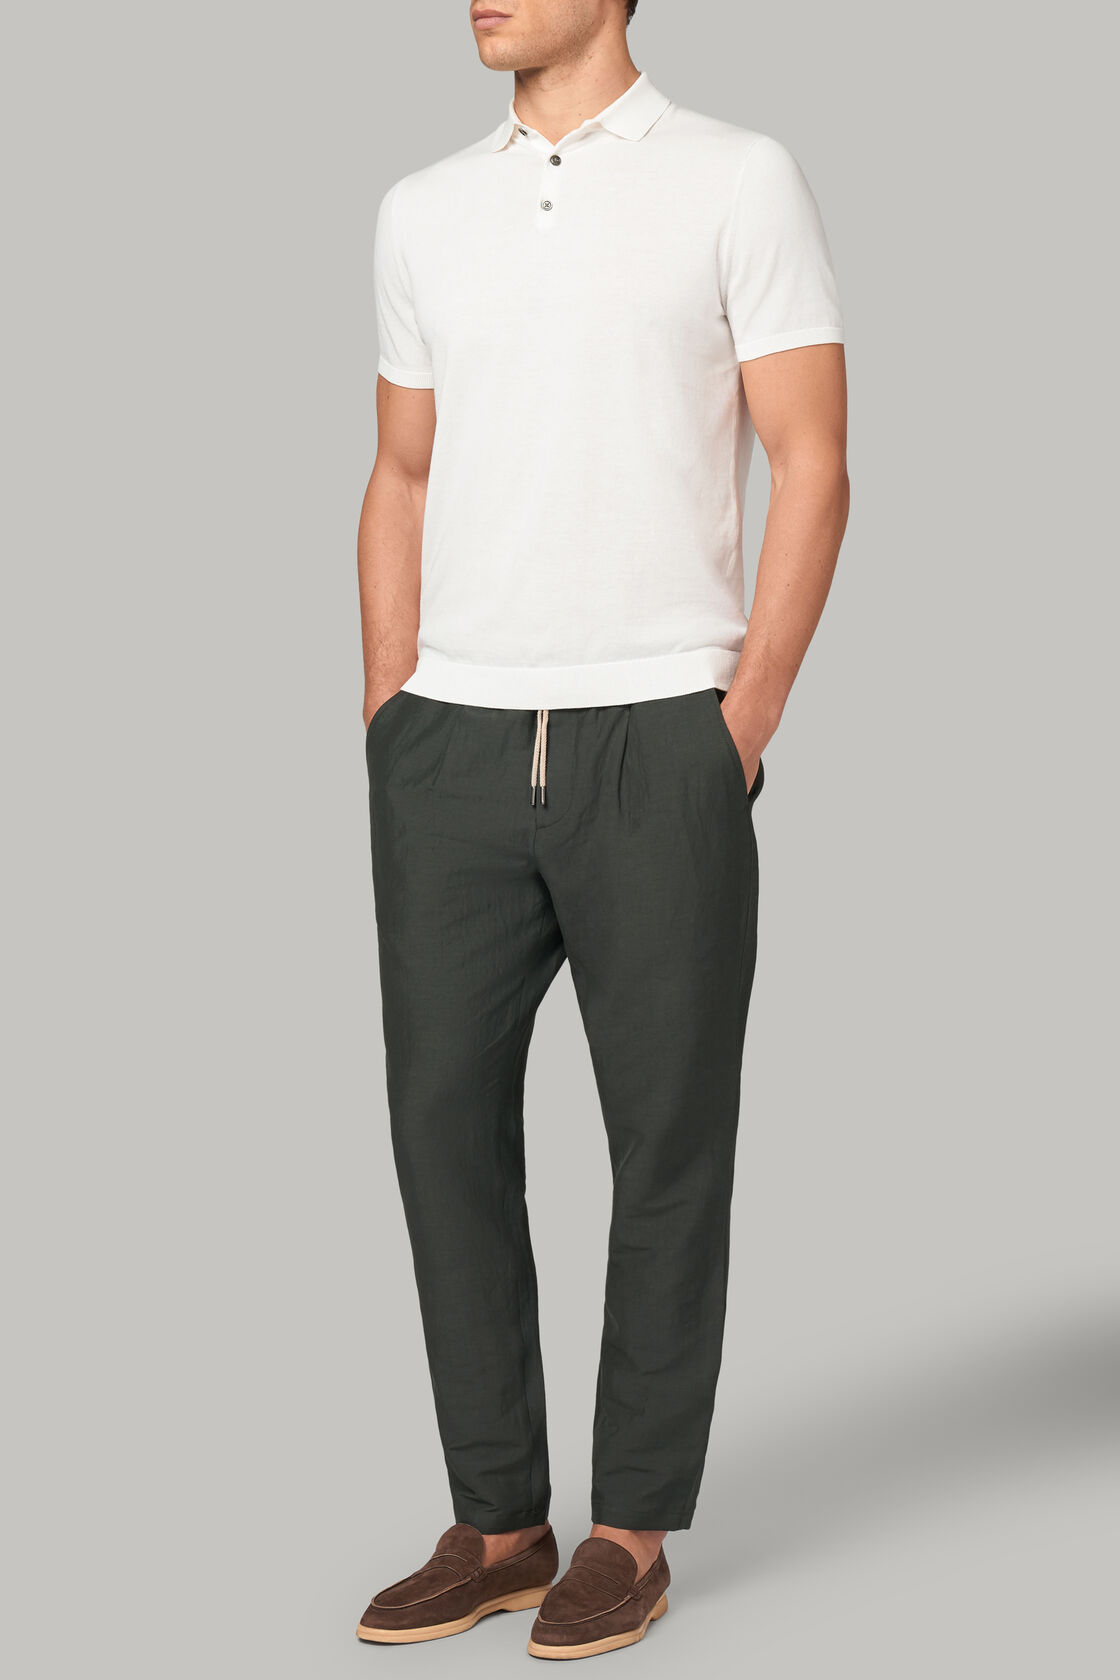 Hose aus elastischem leinen regular fit, Grün, hi-res